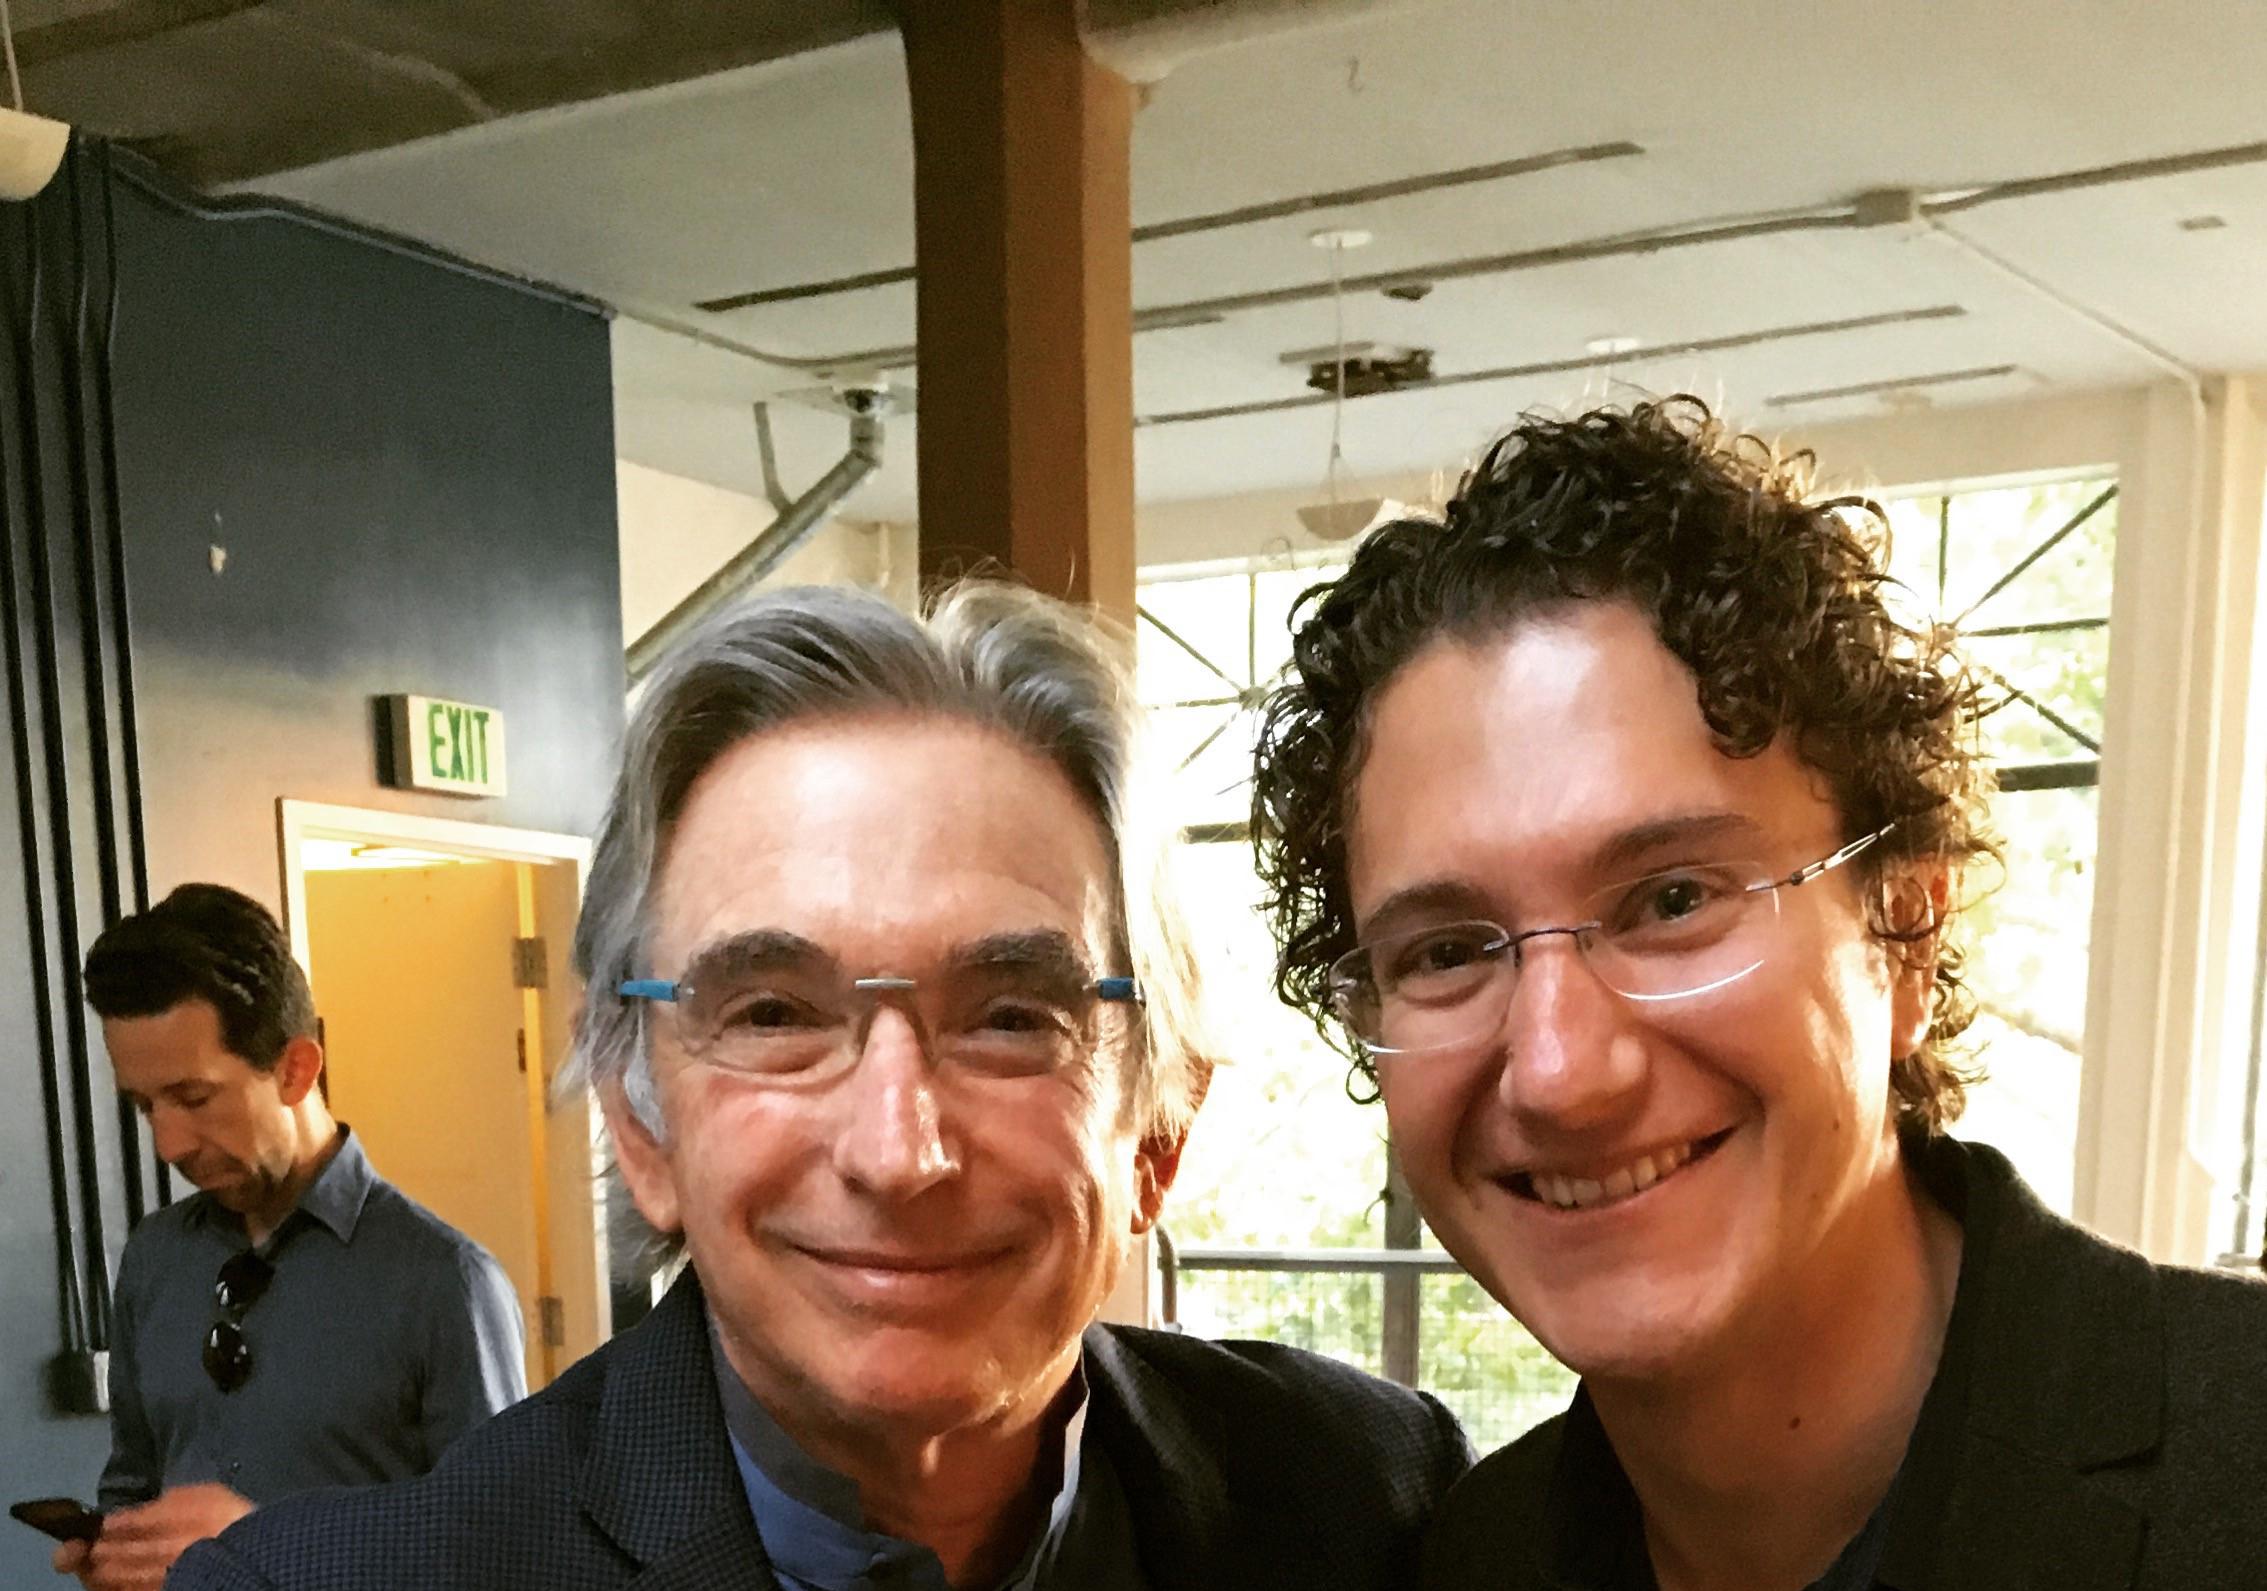 Michael Tilson Thomas and Teddy Abrams